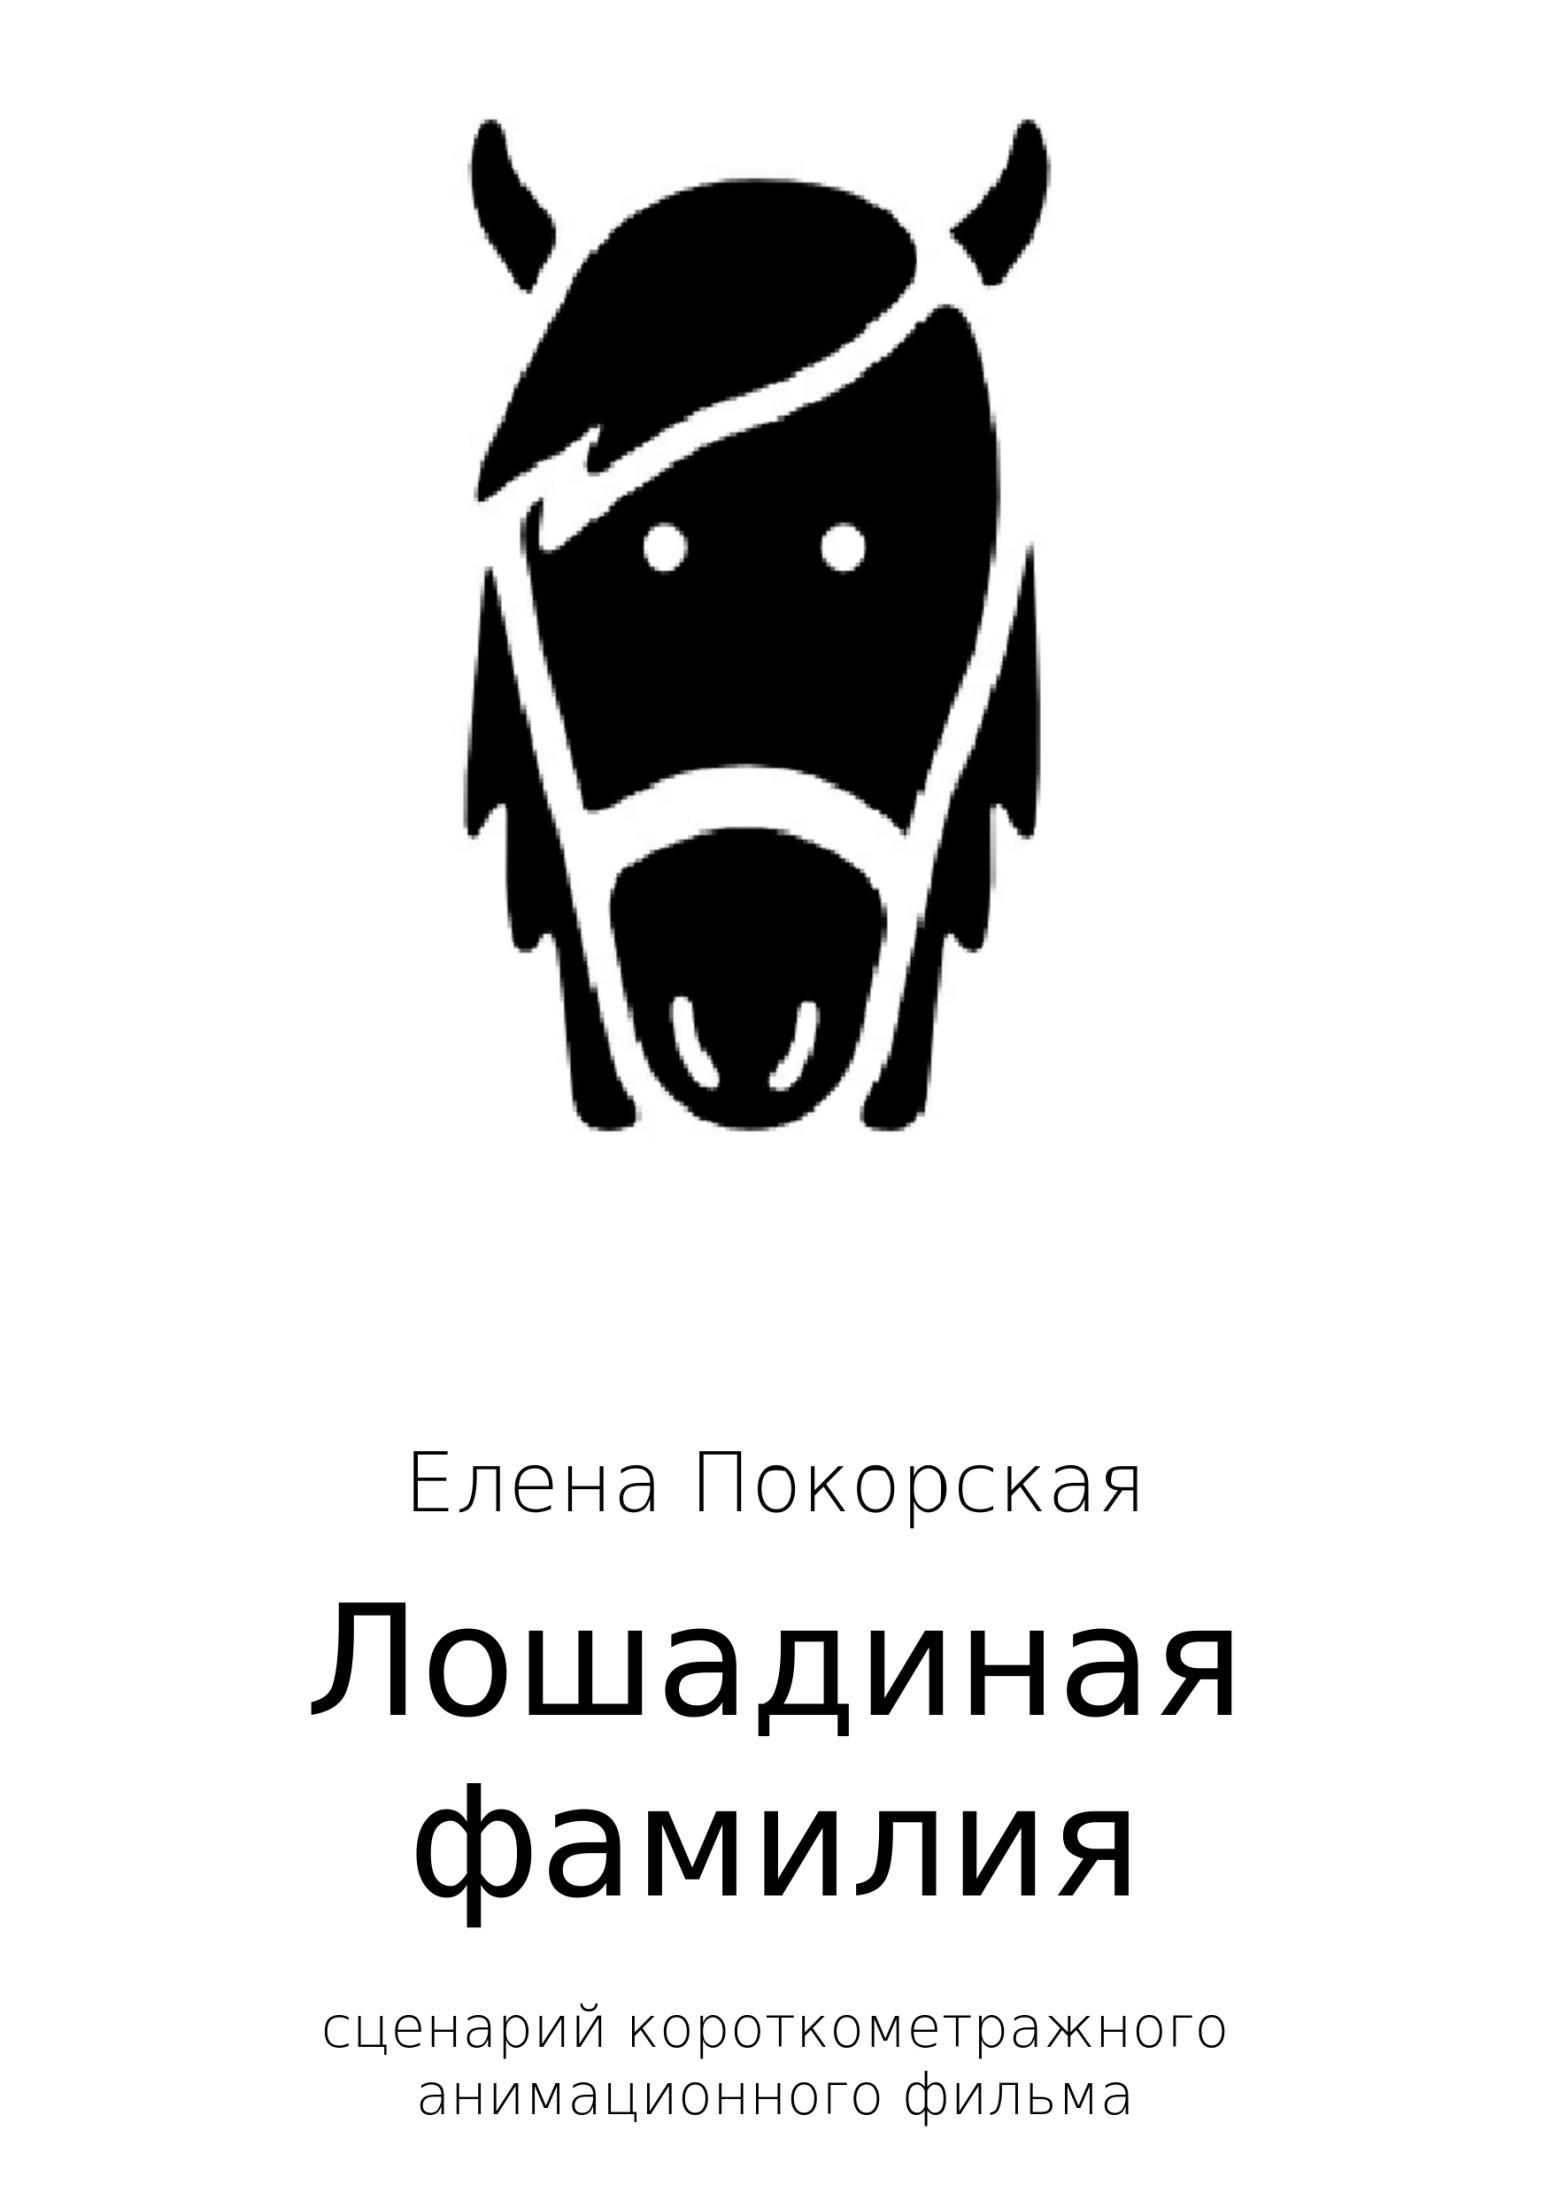 Елена Покорская Лошадиная фамилия цена